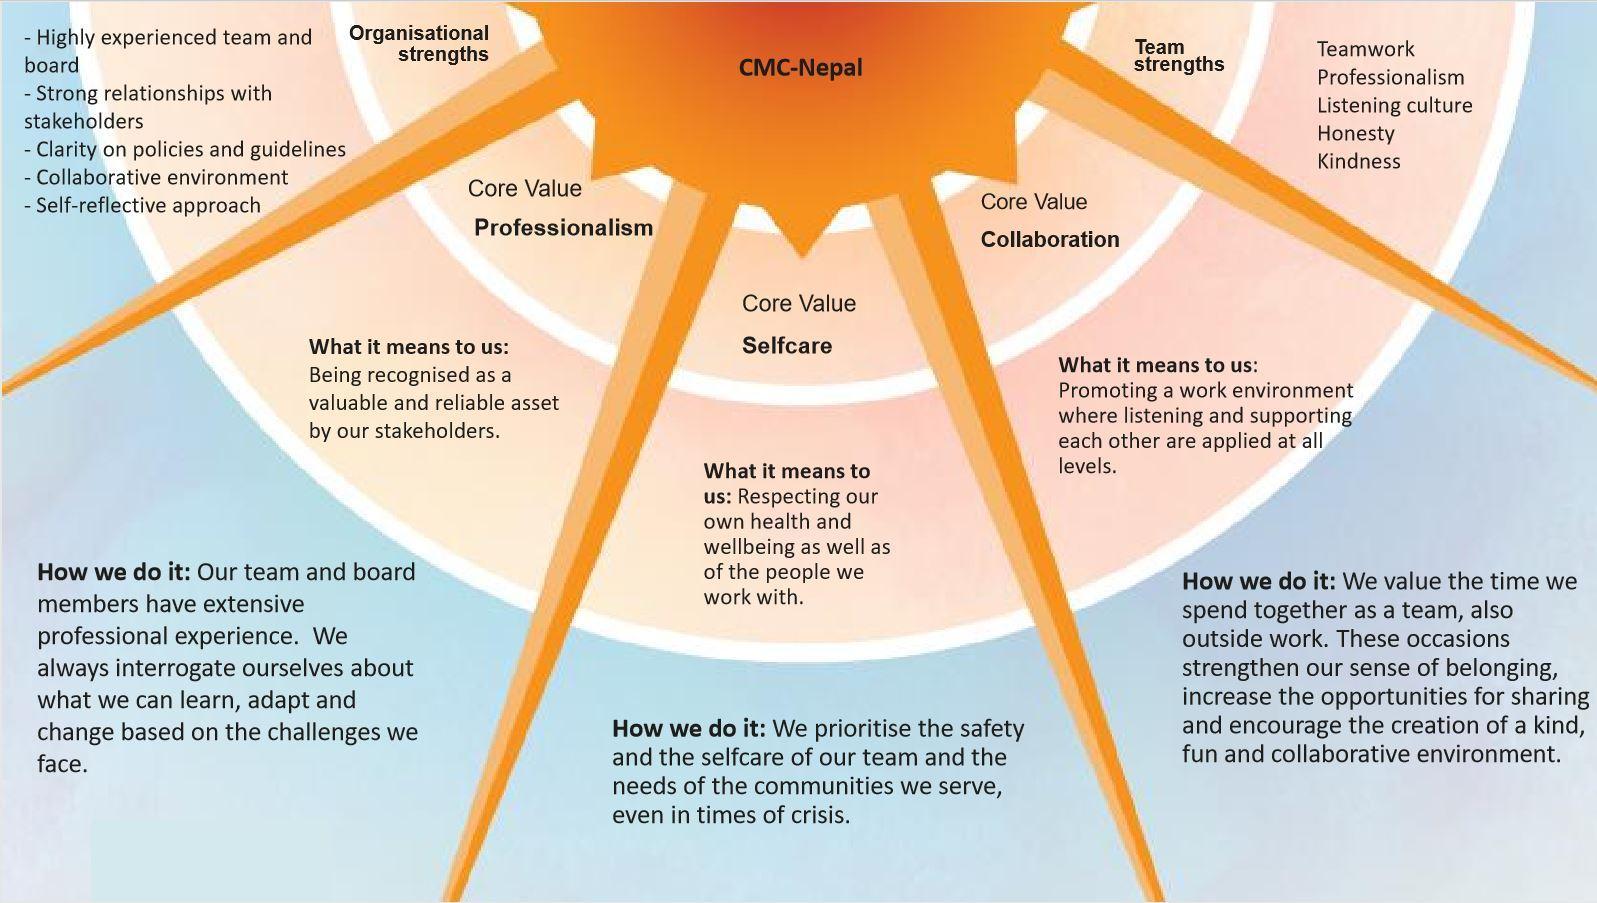 CMC-Nepal vision map